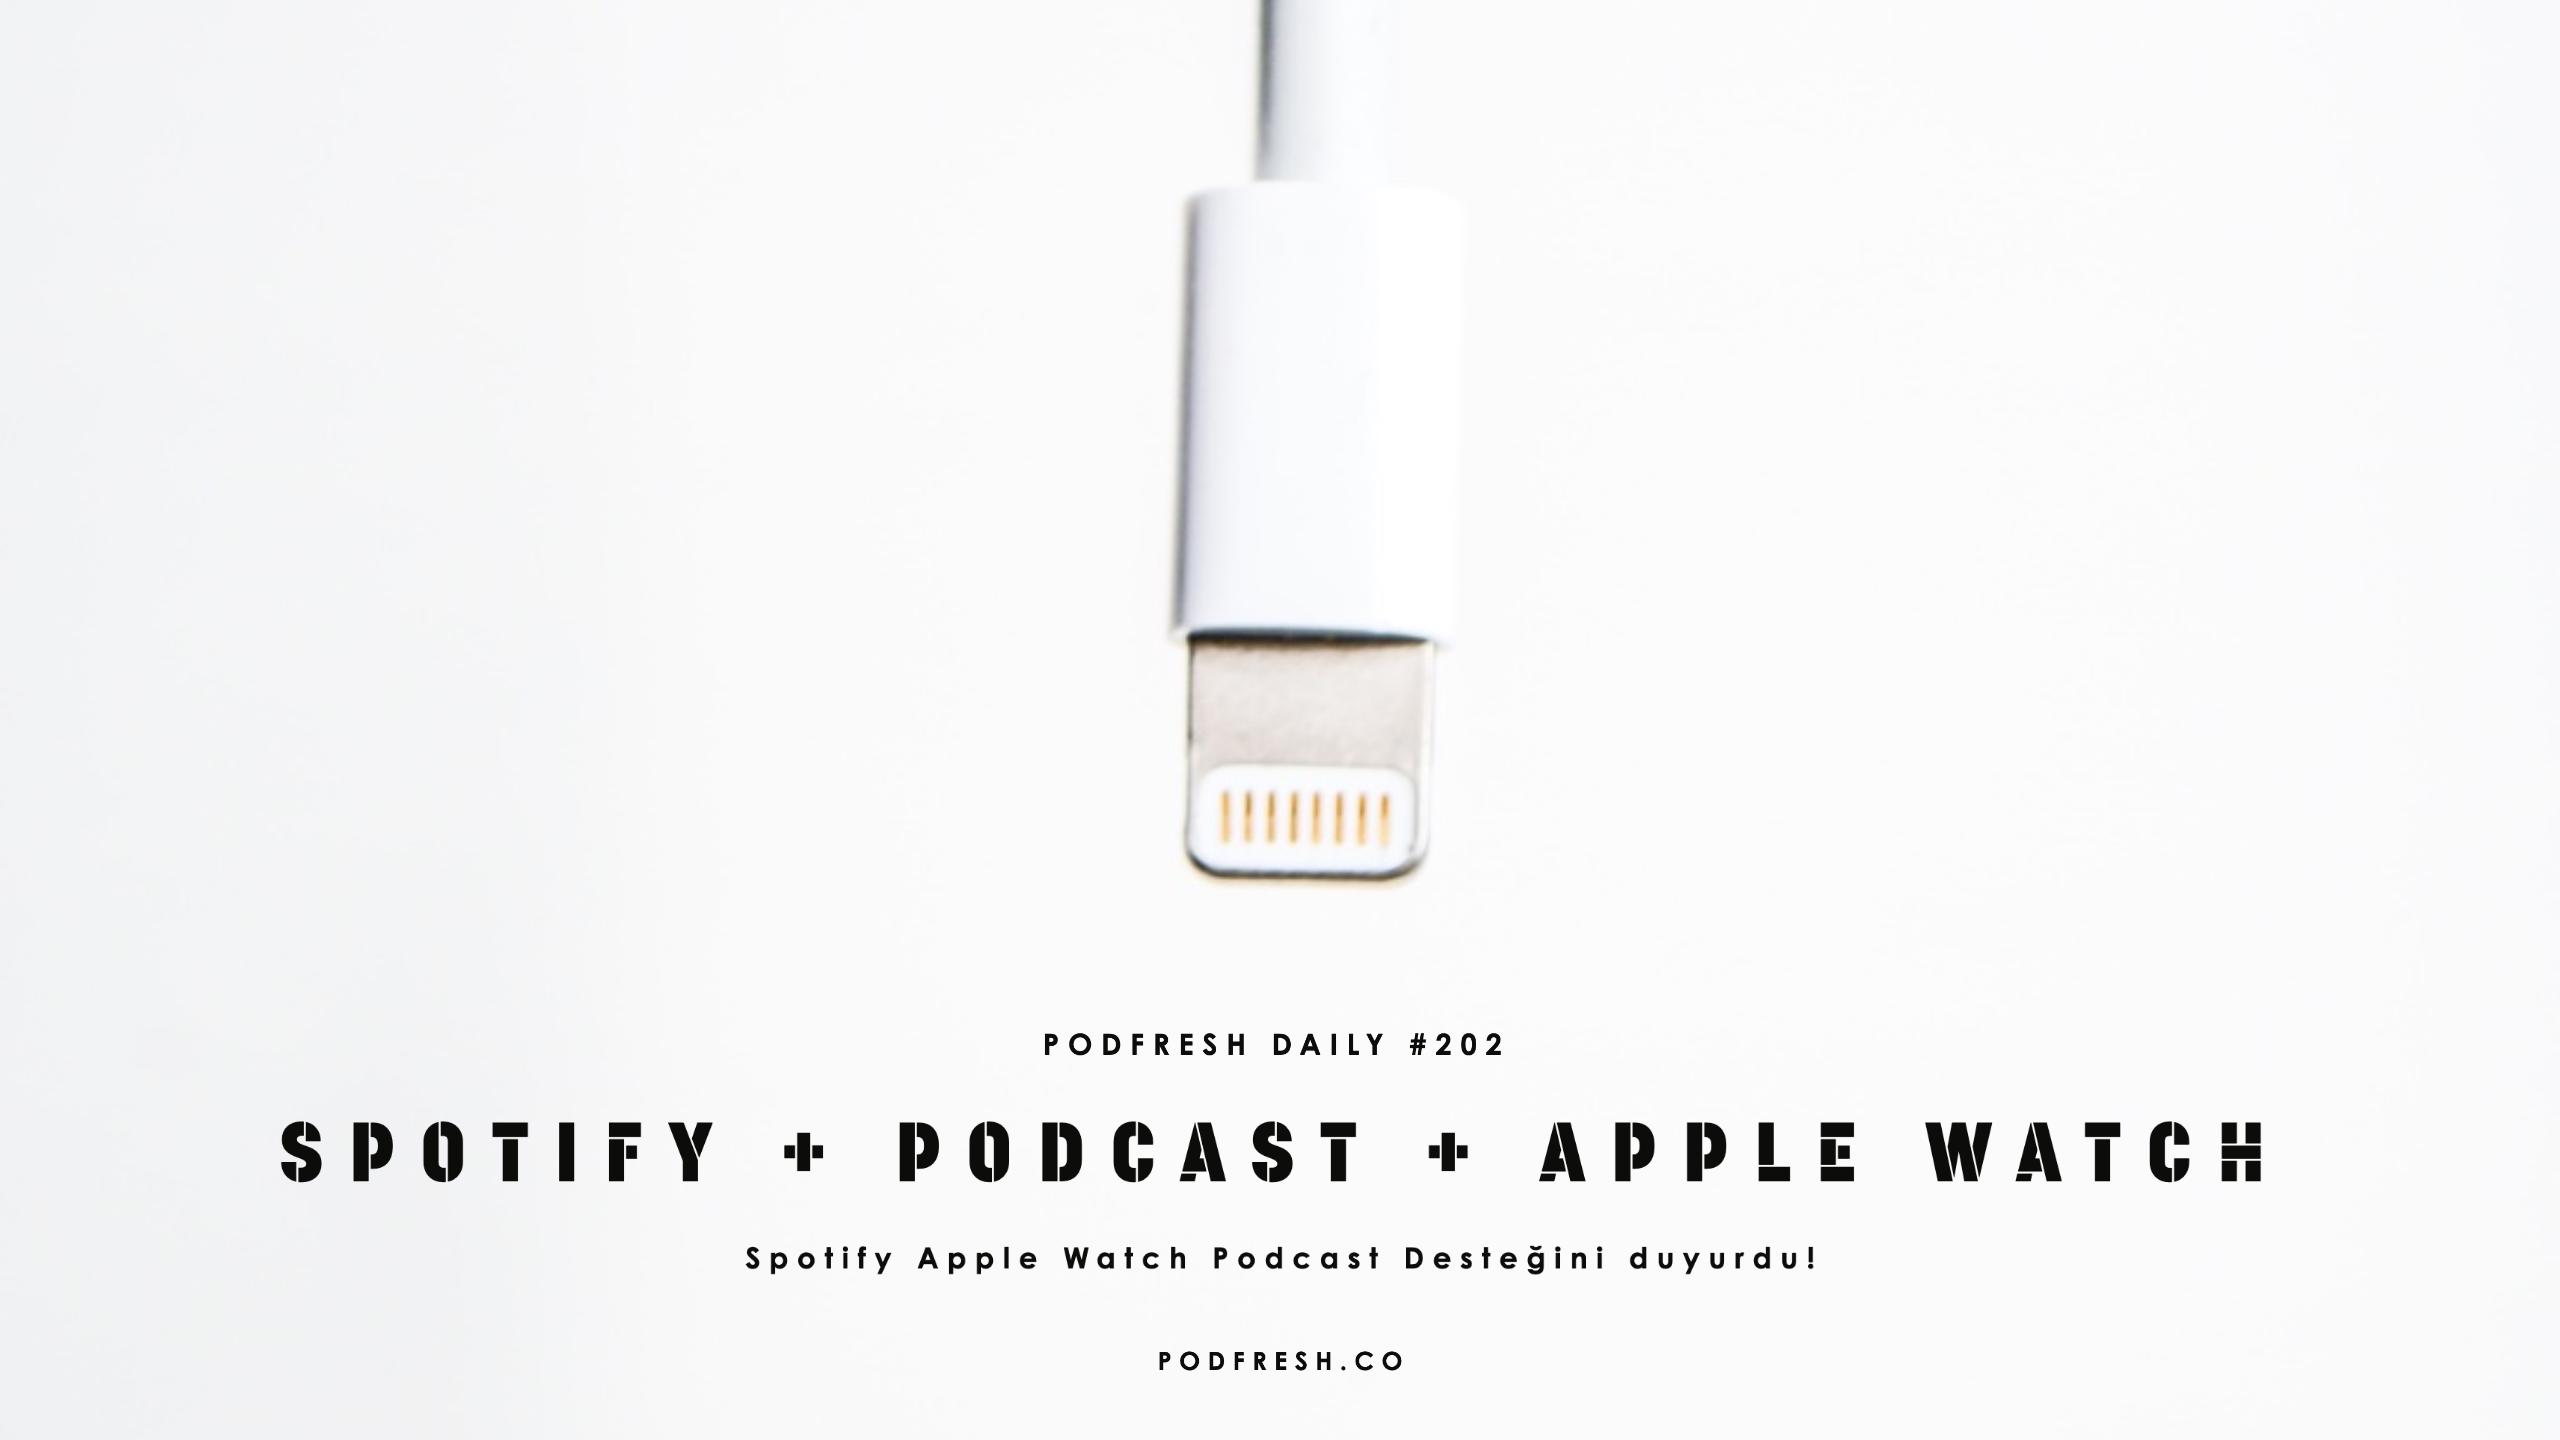 Spotify Apple Watch (Podcast) desteğini duyurdu.